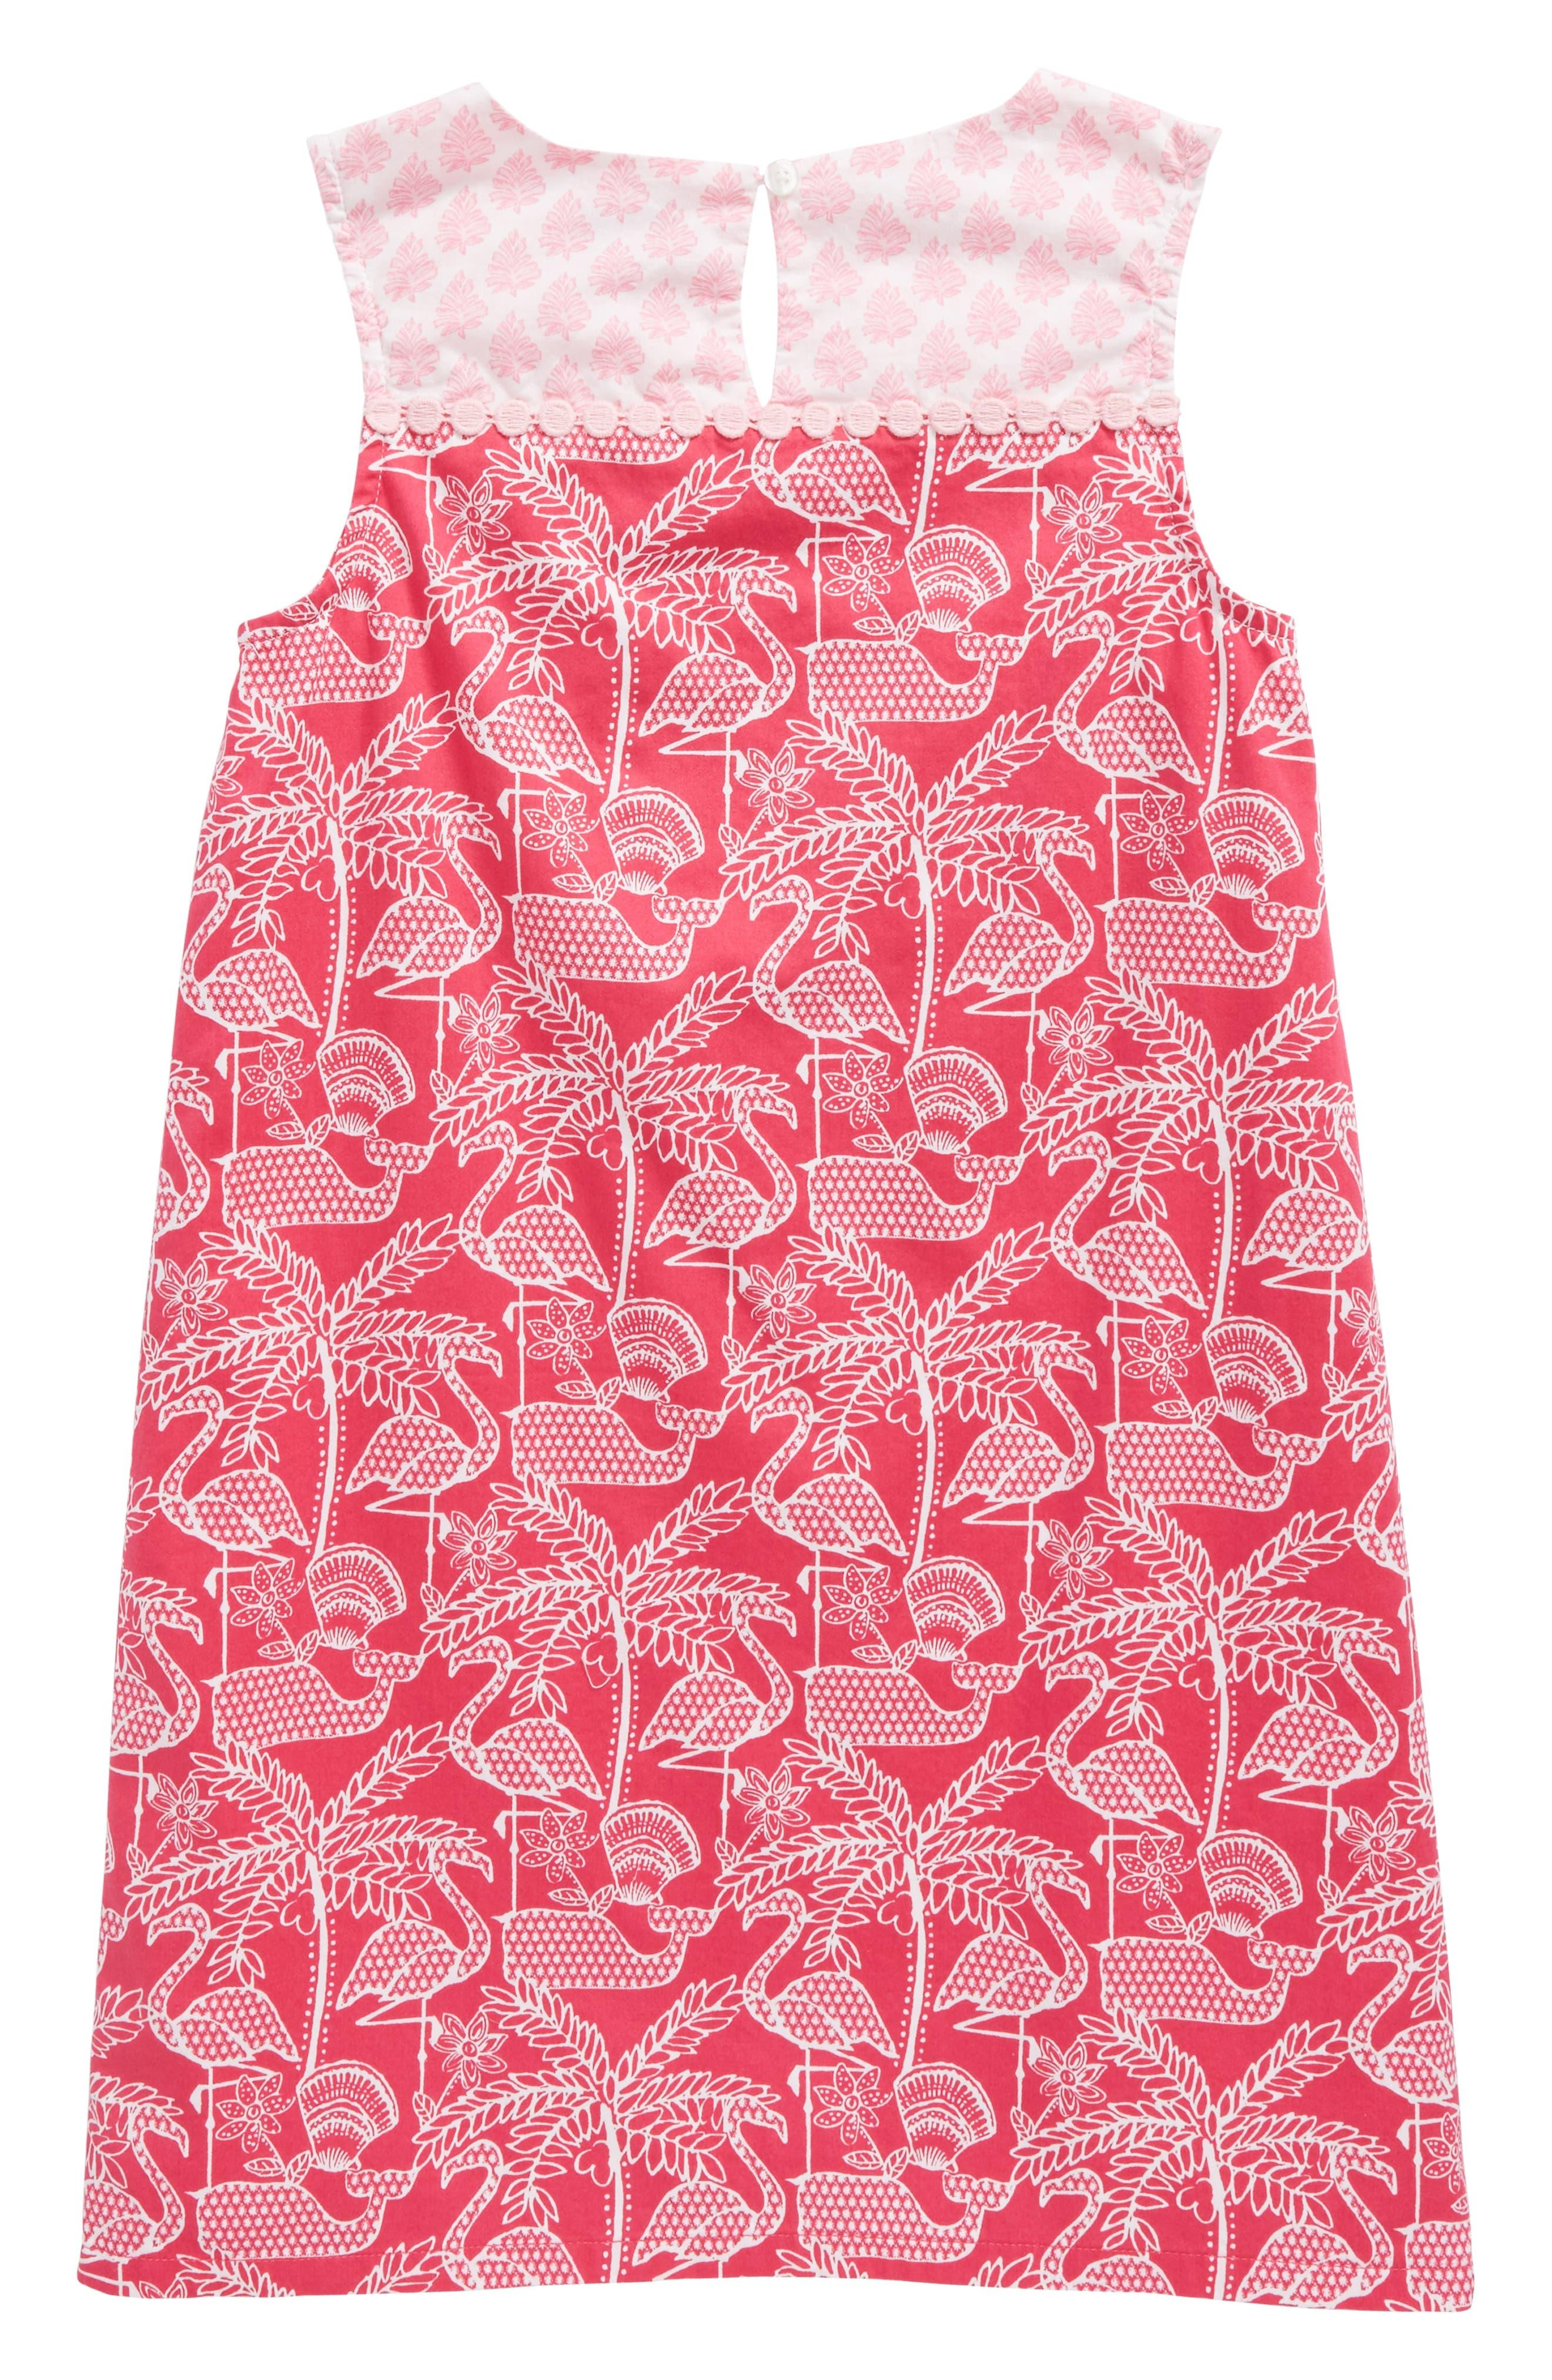 Flamingo Print Shift Dress,                             Alternate thumbnail 2, color,                             658